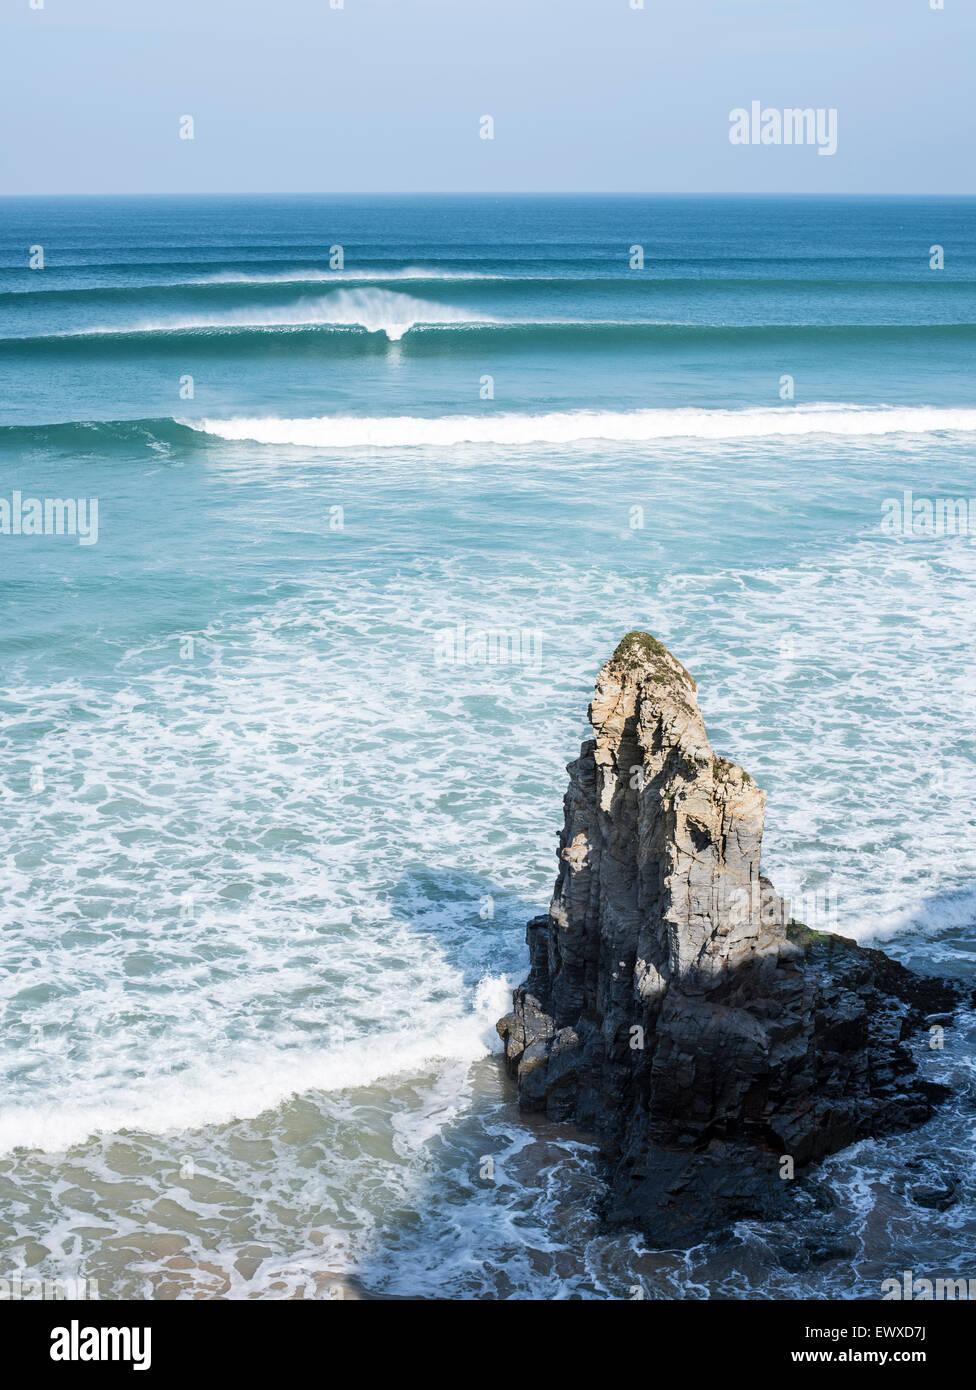 Leere sauber Surfen Wellen an gwithian in Cornwall brechen, mit blauem Himmel und Küsten rock. Stockbild